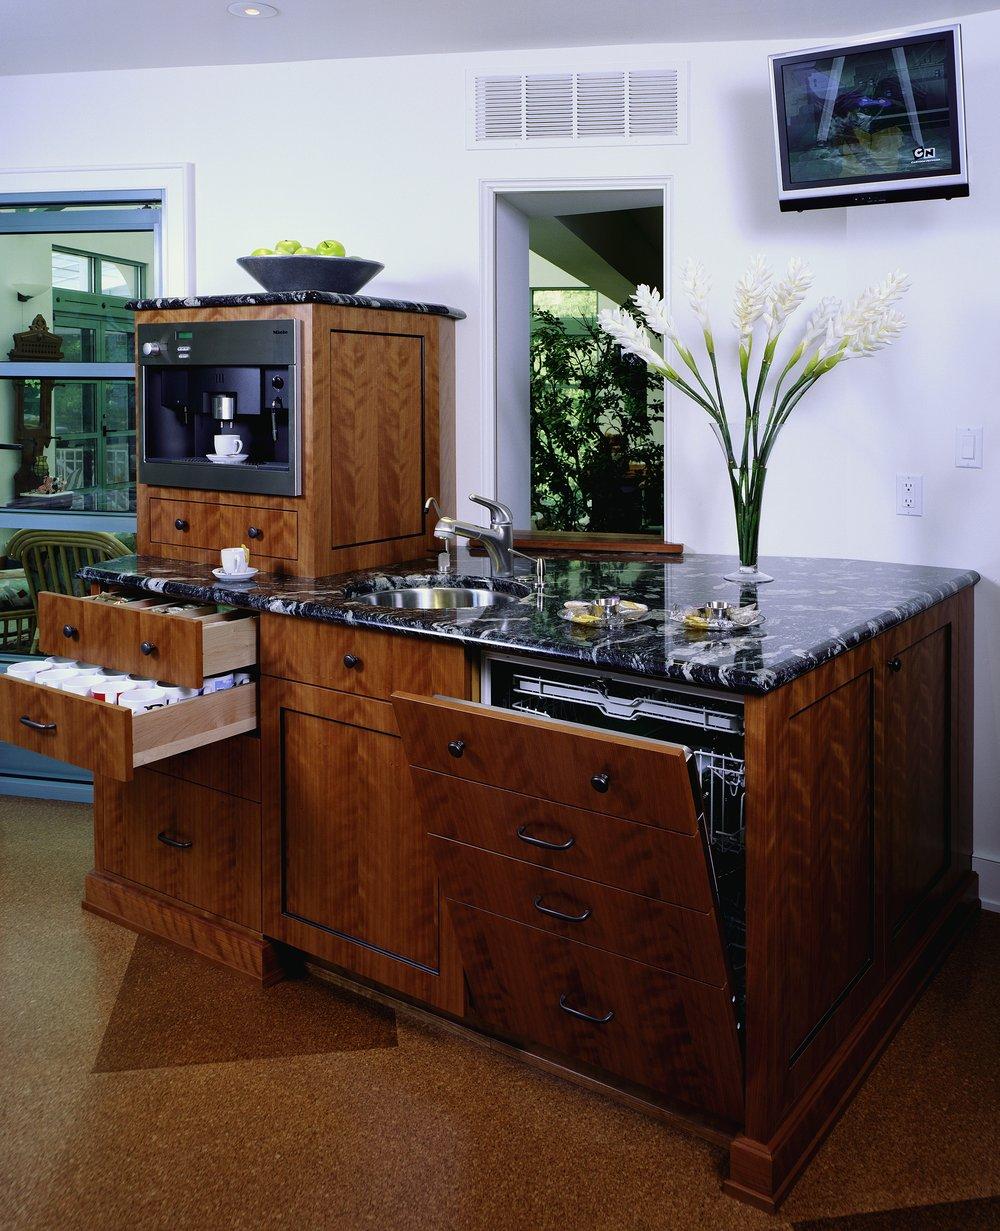 KBC_kitchen_bath_concepts_Kitchen_9.jpg